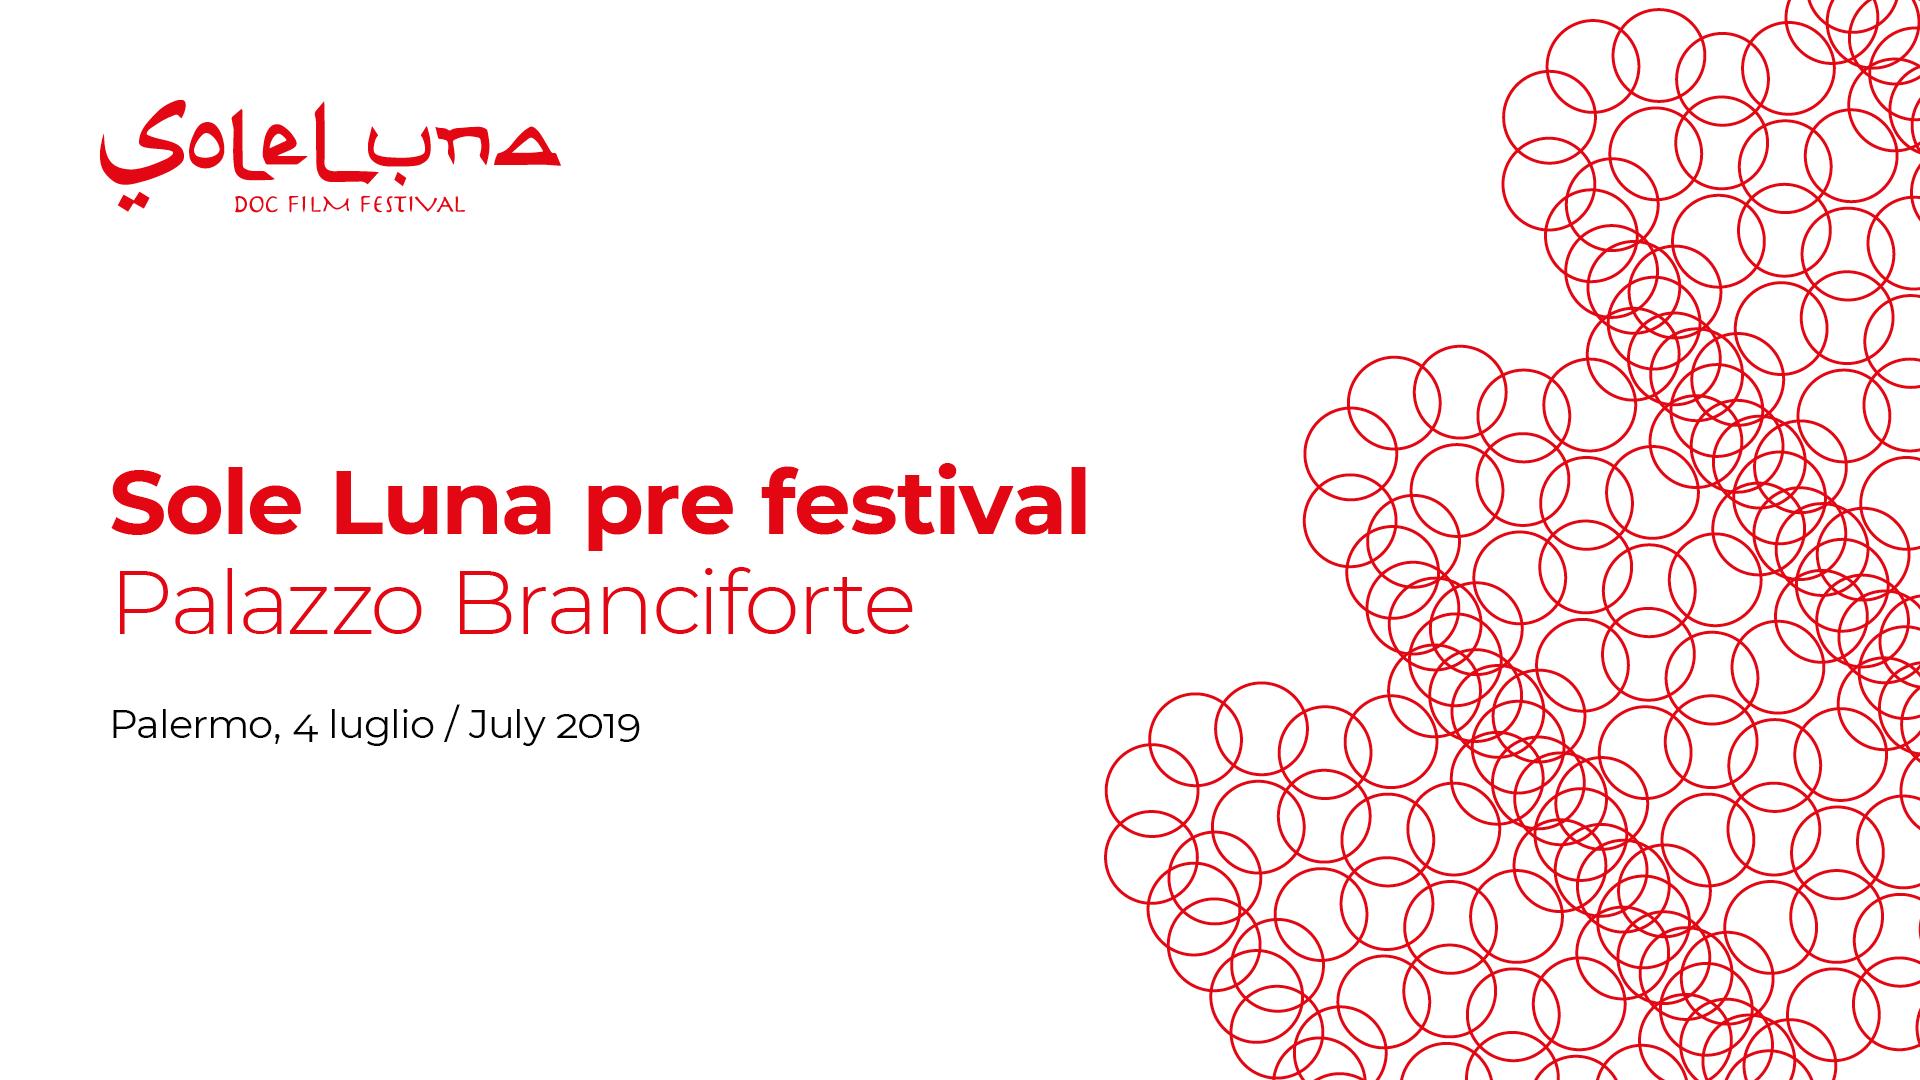 04 07 Palermo, Pre festival and Premio Internazionale Carlo Scarpa